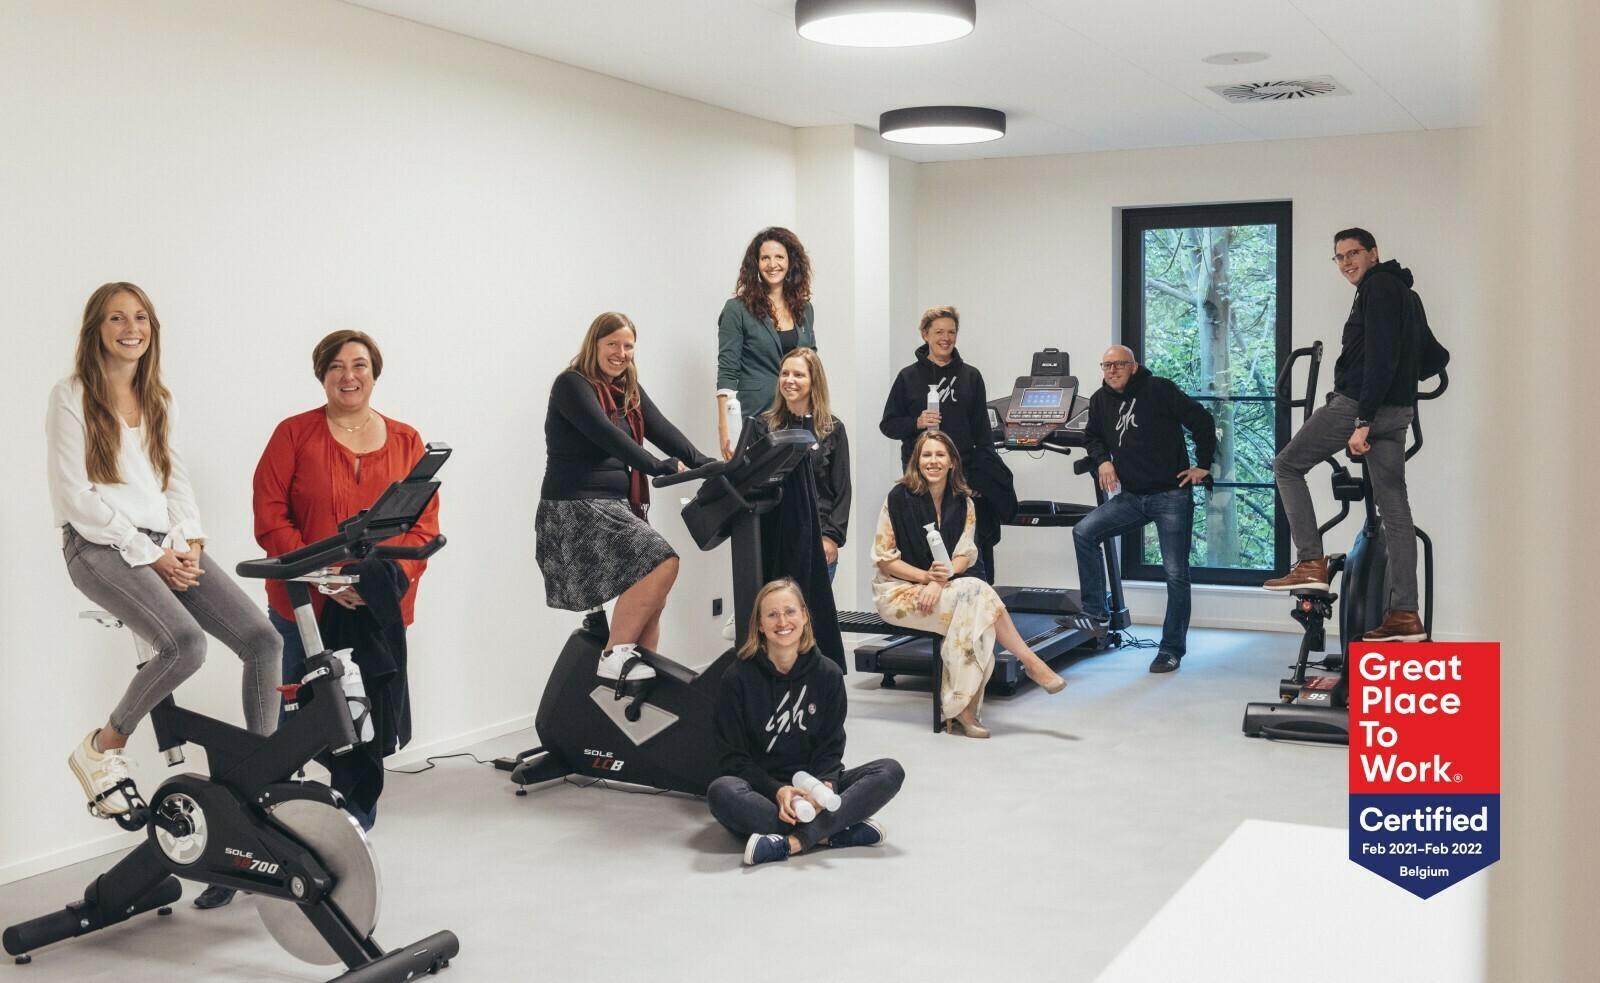 L'entreprise familiale Groep Huyzentruyt originaire de Waregem figure parmi les meilleurs employeurs de Belgique